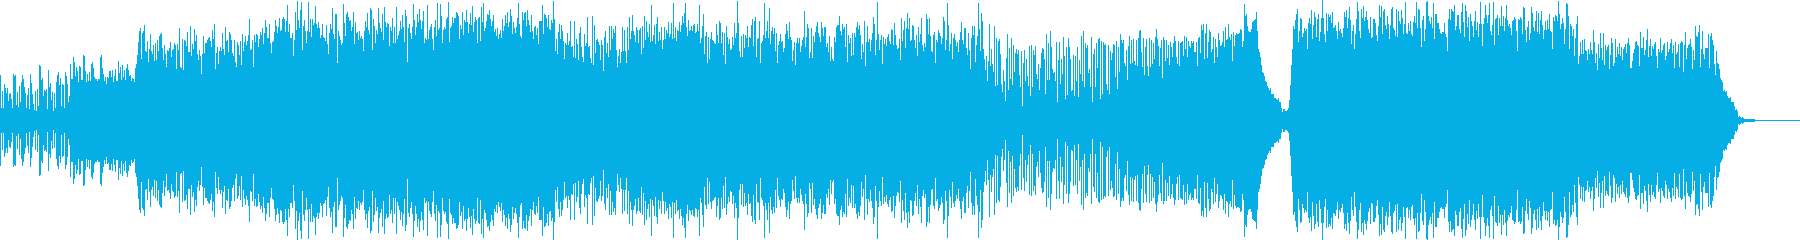 ダークな雰囲気の激しいビッグビートの再生済みの波形